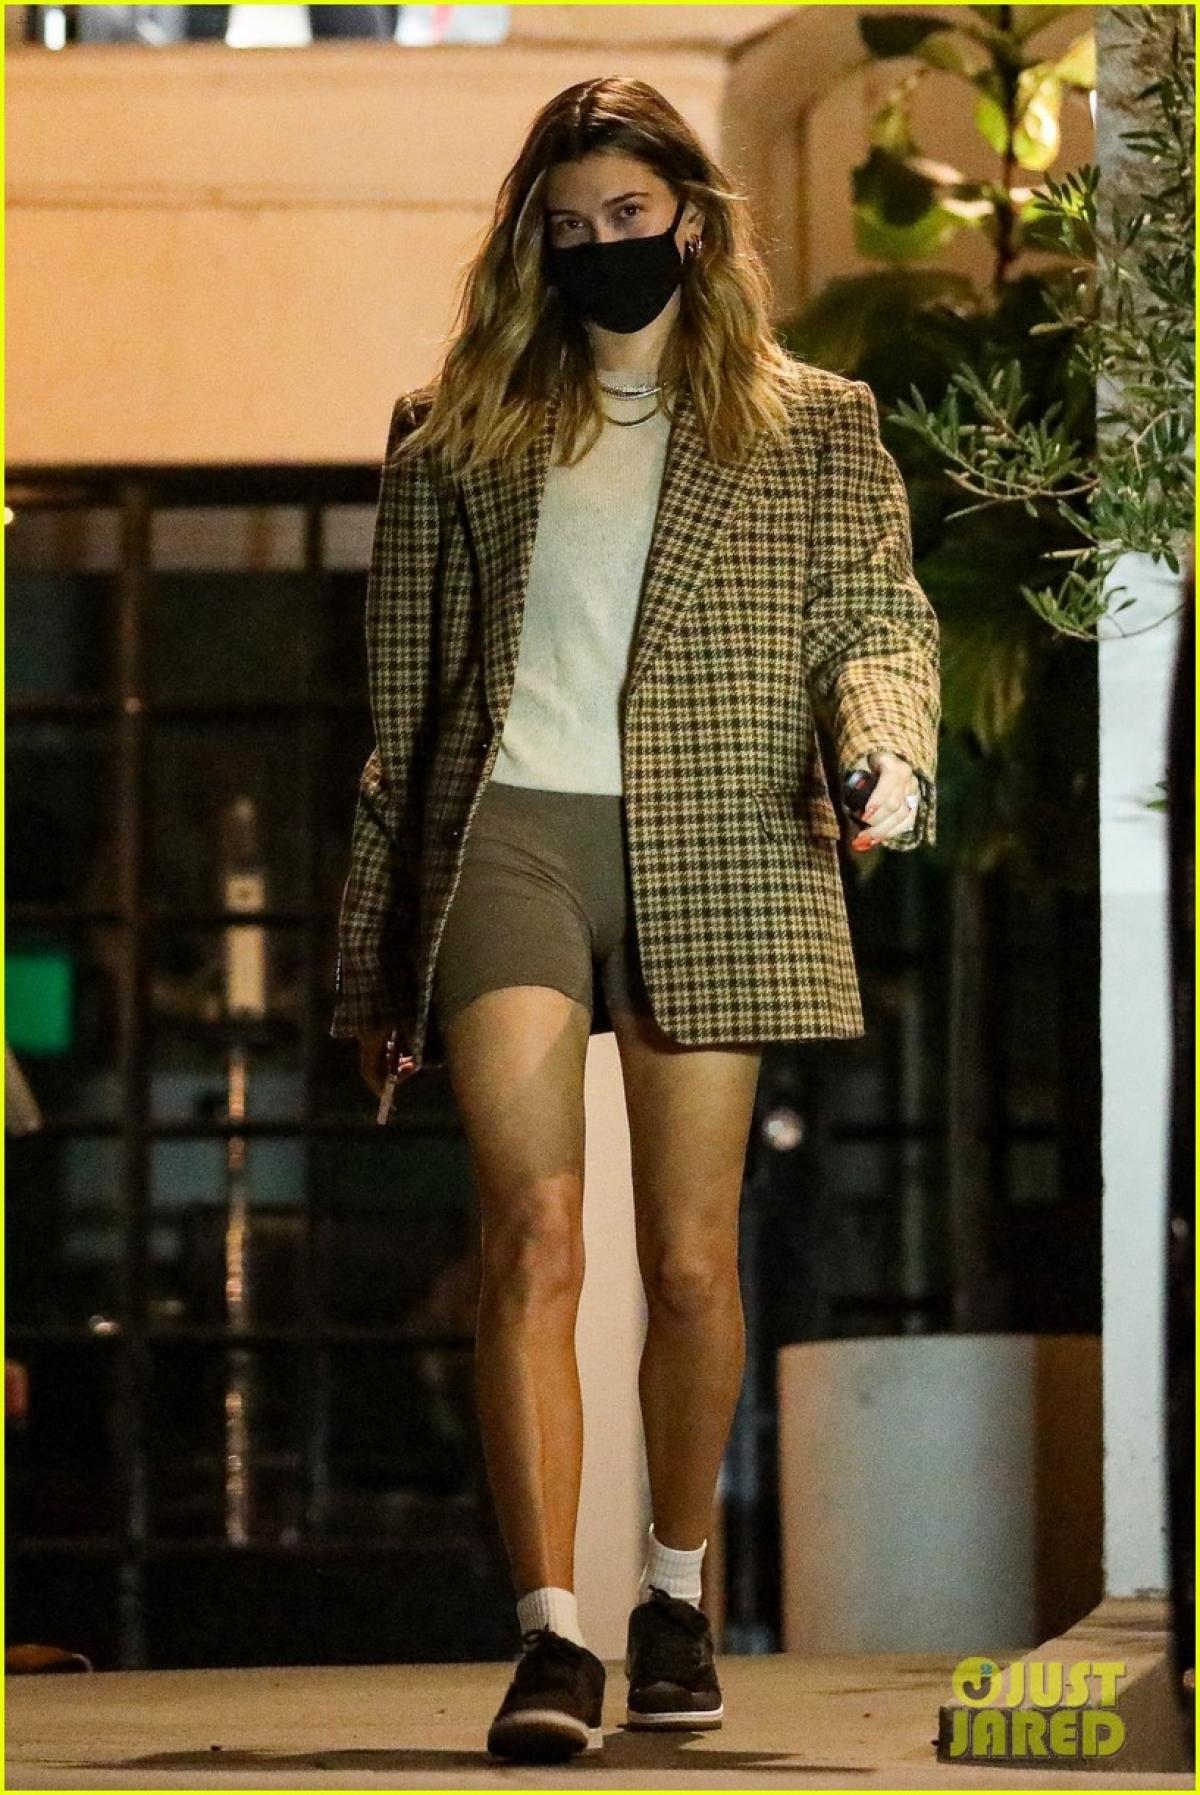 Hailey Baldwin bị cánh săn ảnh bắt gặp khi đang một mình sải bước trên phố lúc tối muộn, sau khi rời khỏi tiệm làm tóc ở Beverly Hills.